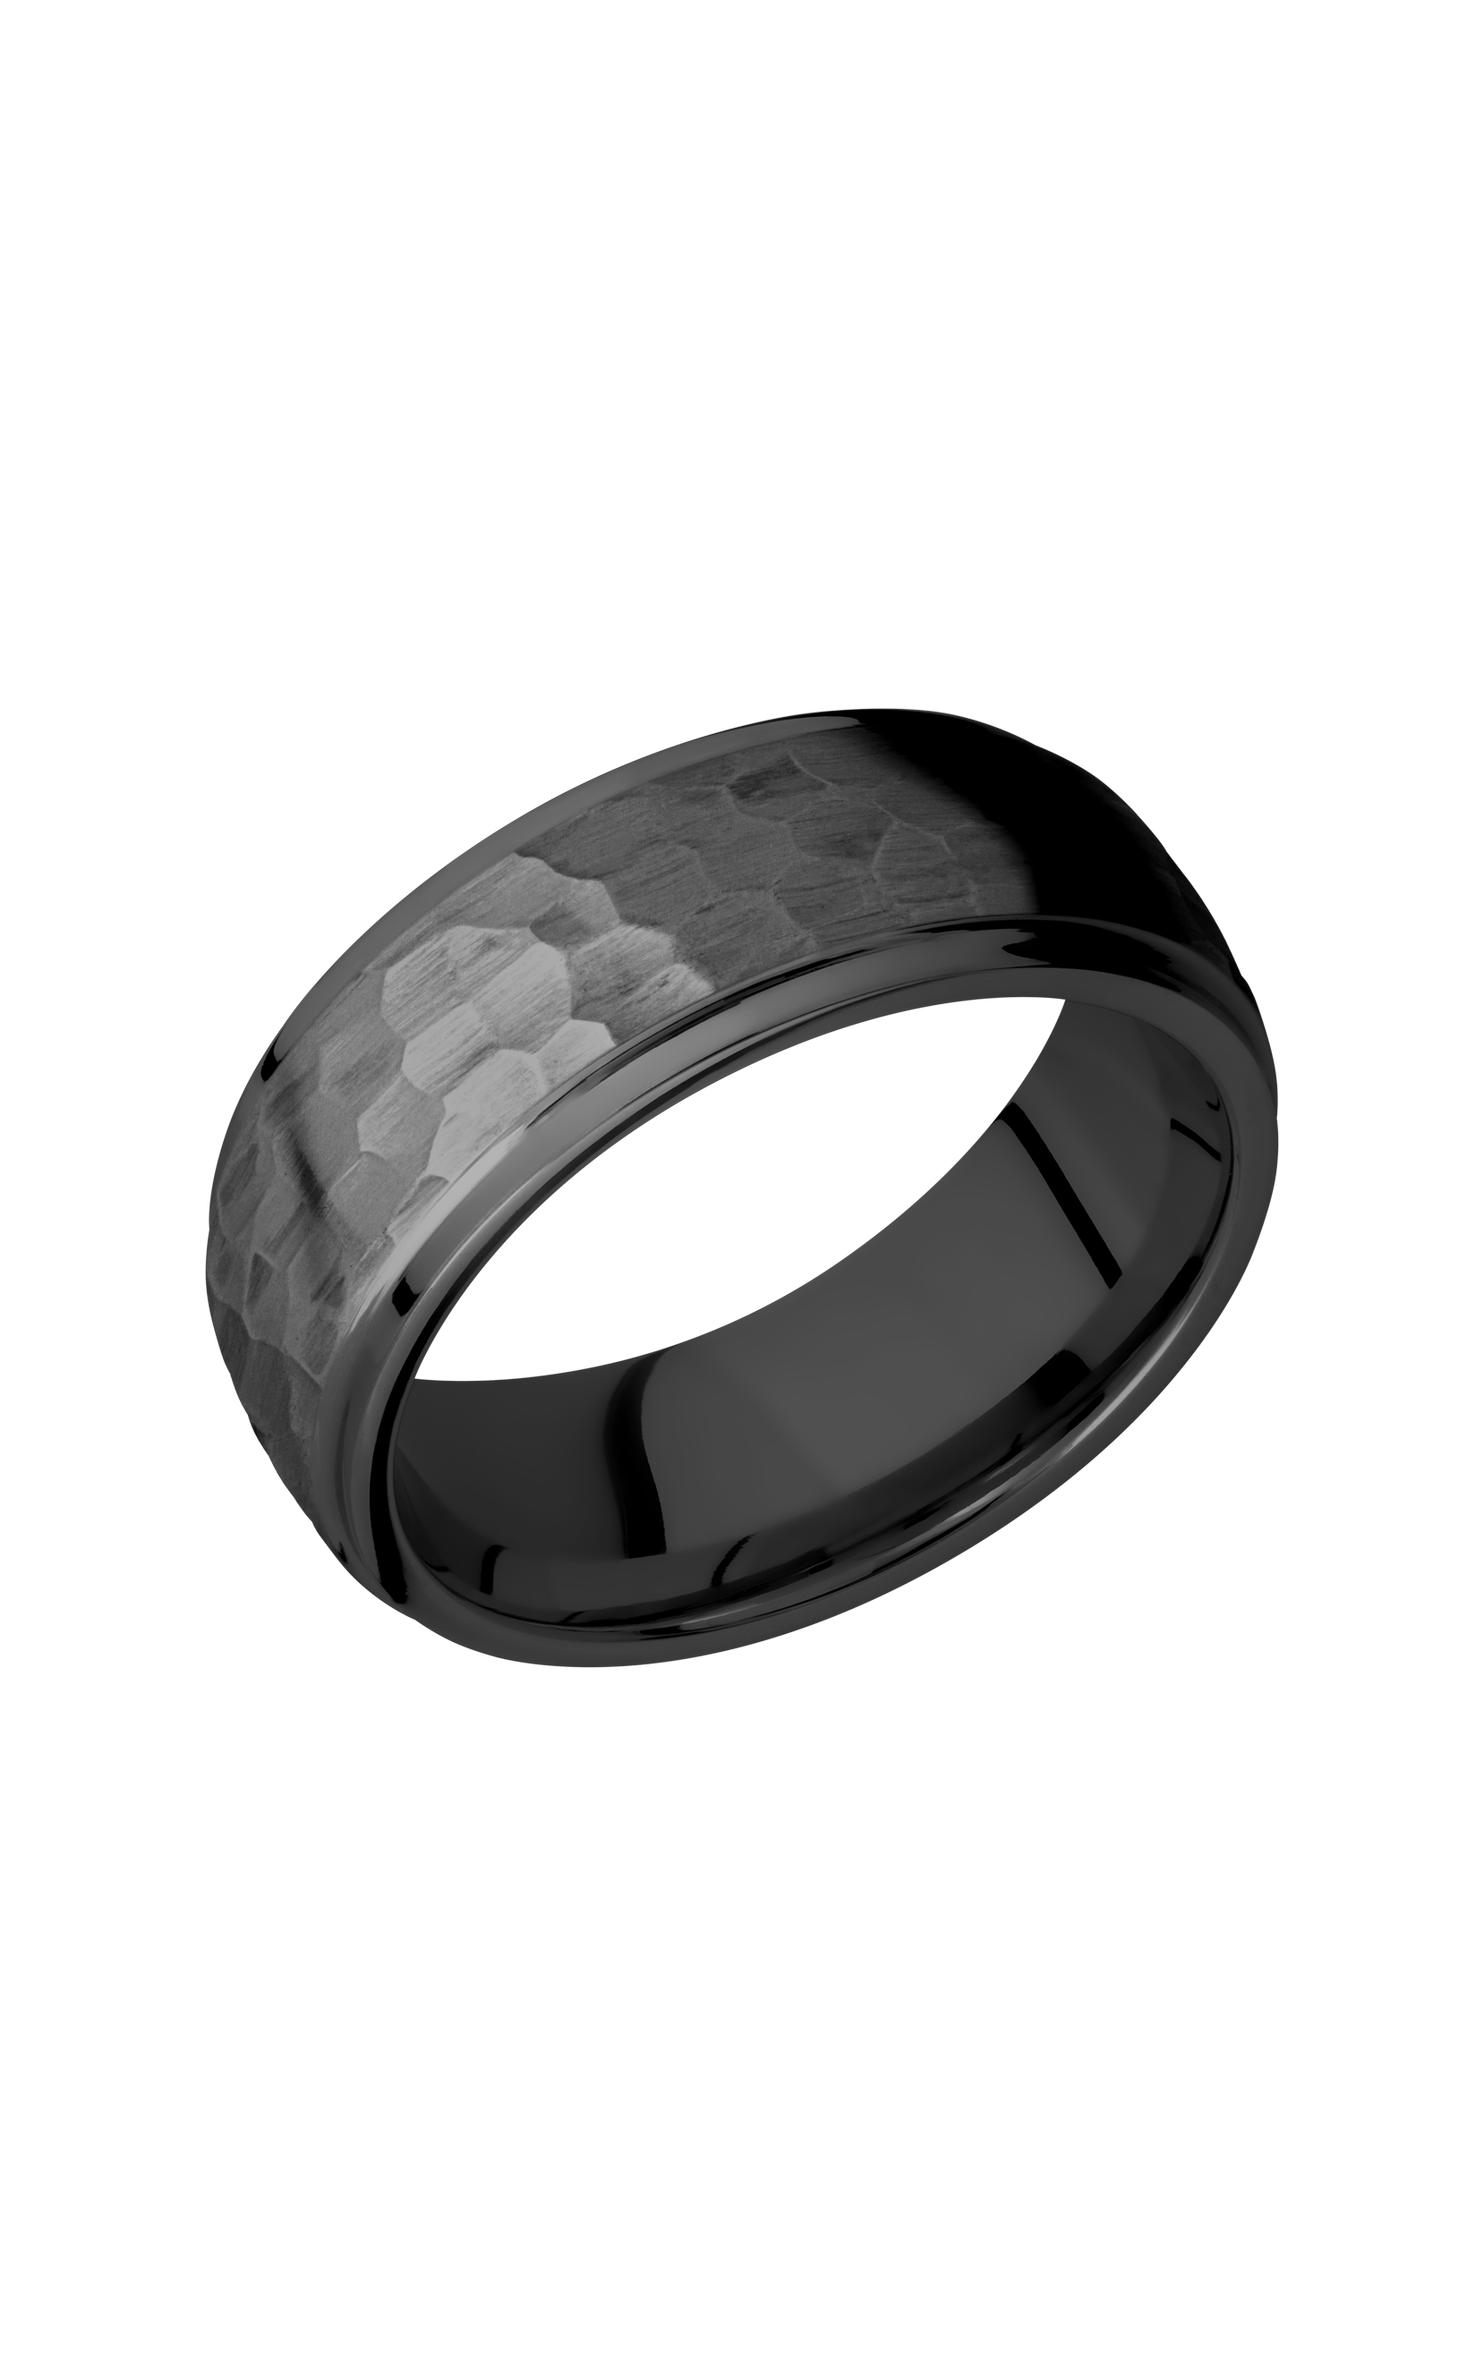 Lashbrook Zirconium Z8DGE product image